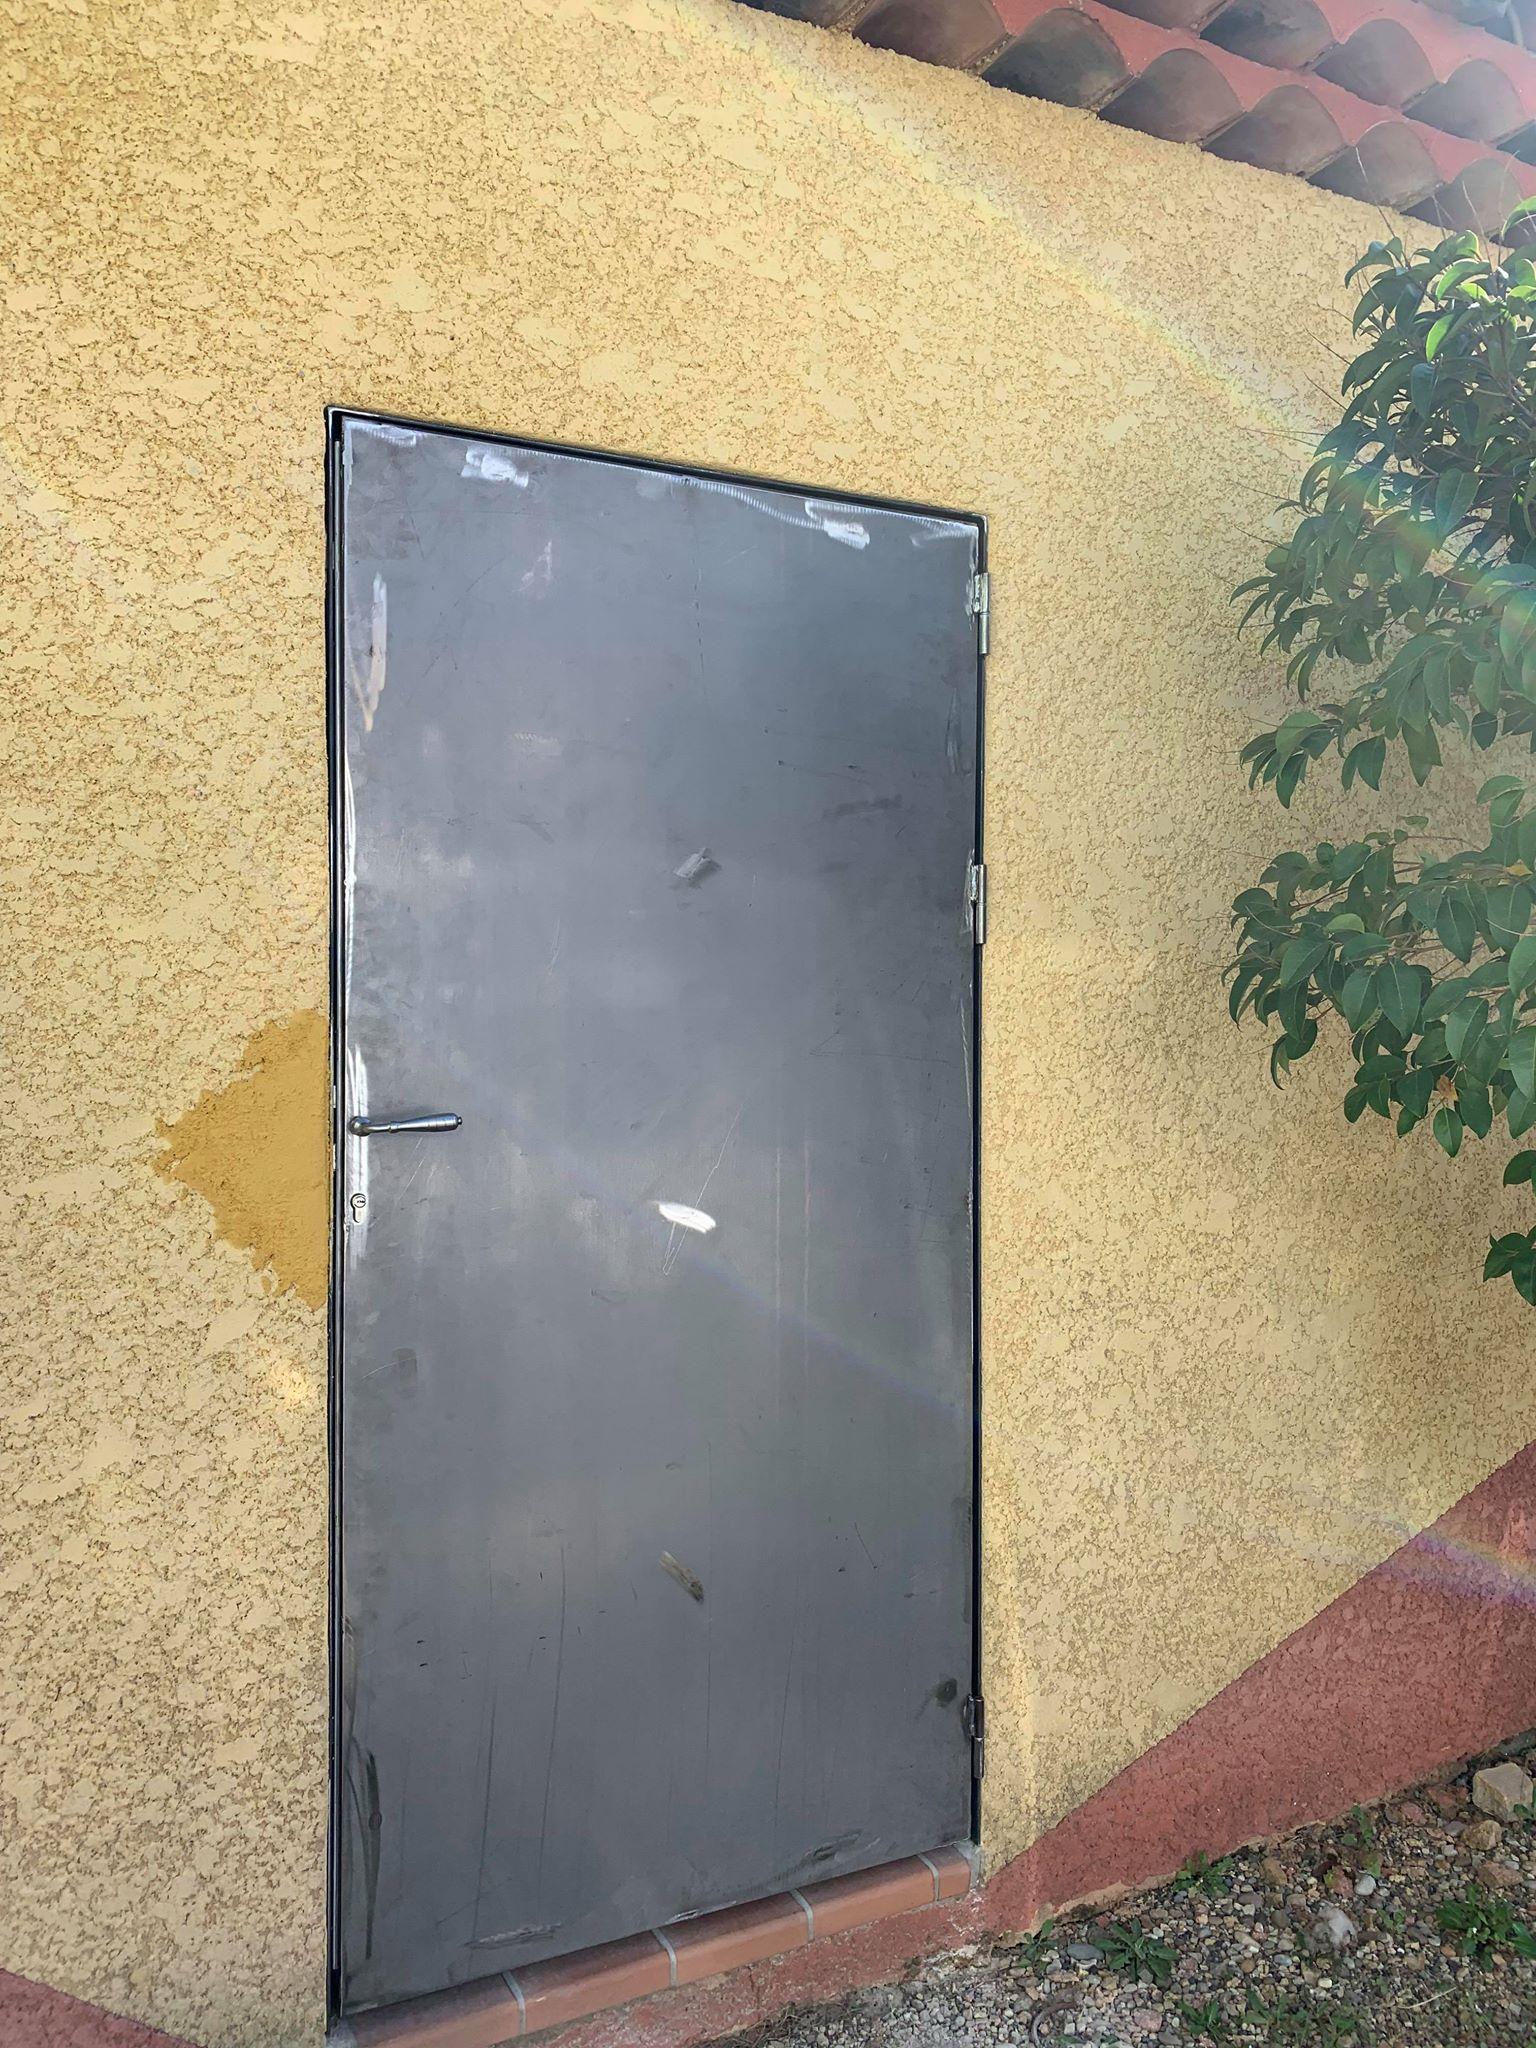 A la demande de notre client nous avons fabriqué sur mesure une porte grille de protection montée sur un cadre cornière avec serrure 3 points intégrée . Localisation Miramas